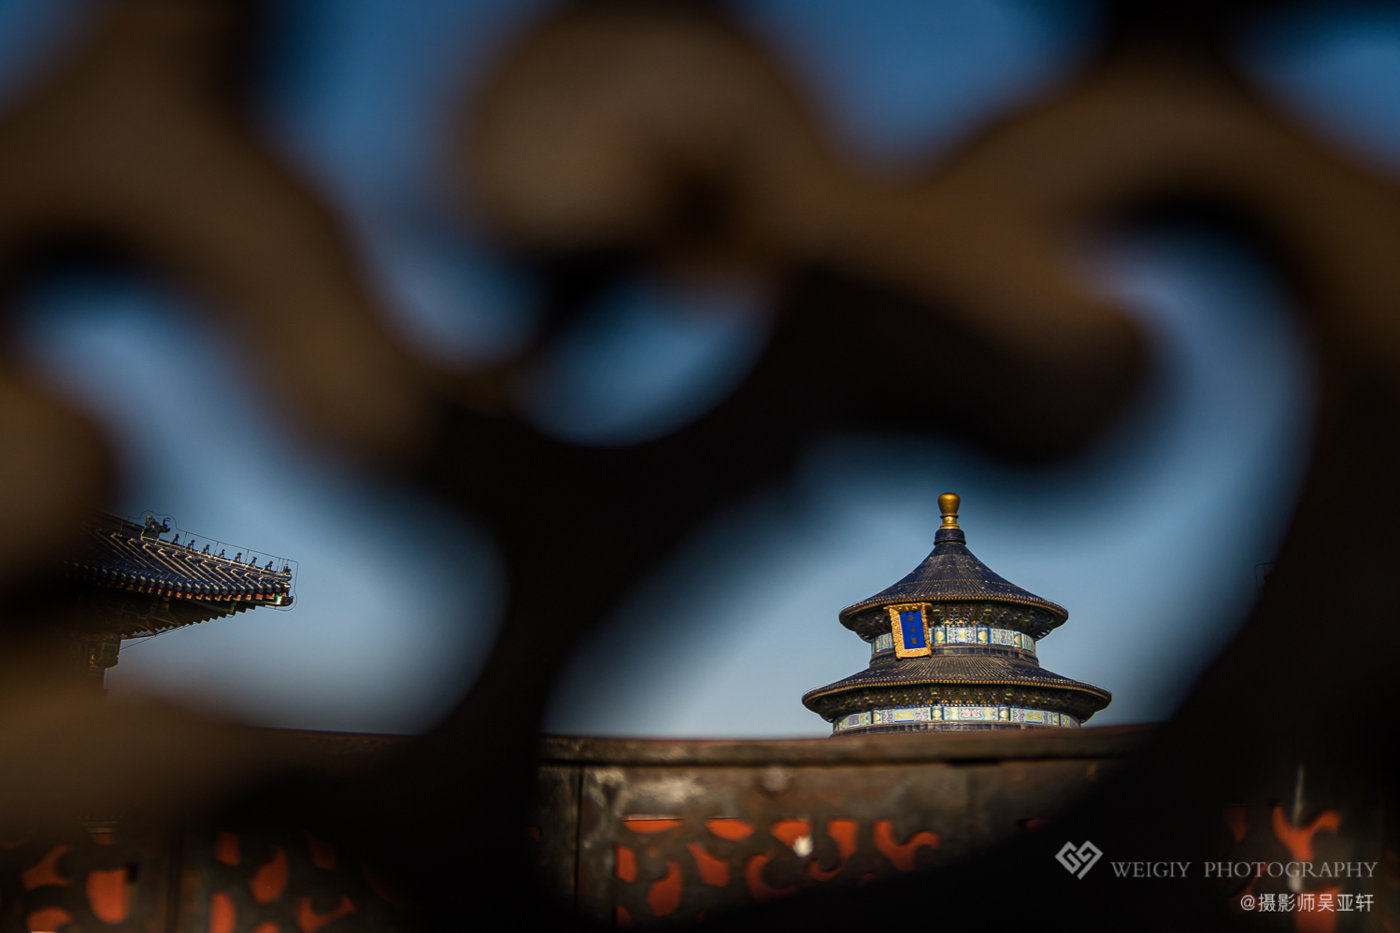 吴亚轩2020年度作品分享 |古建筑摄影篇